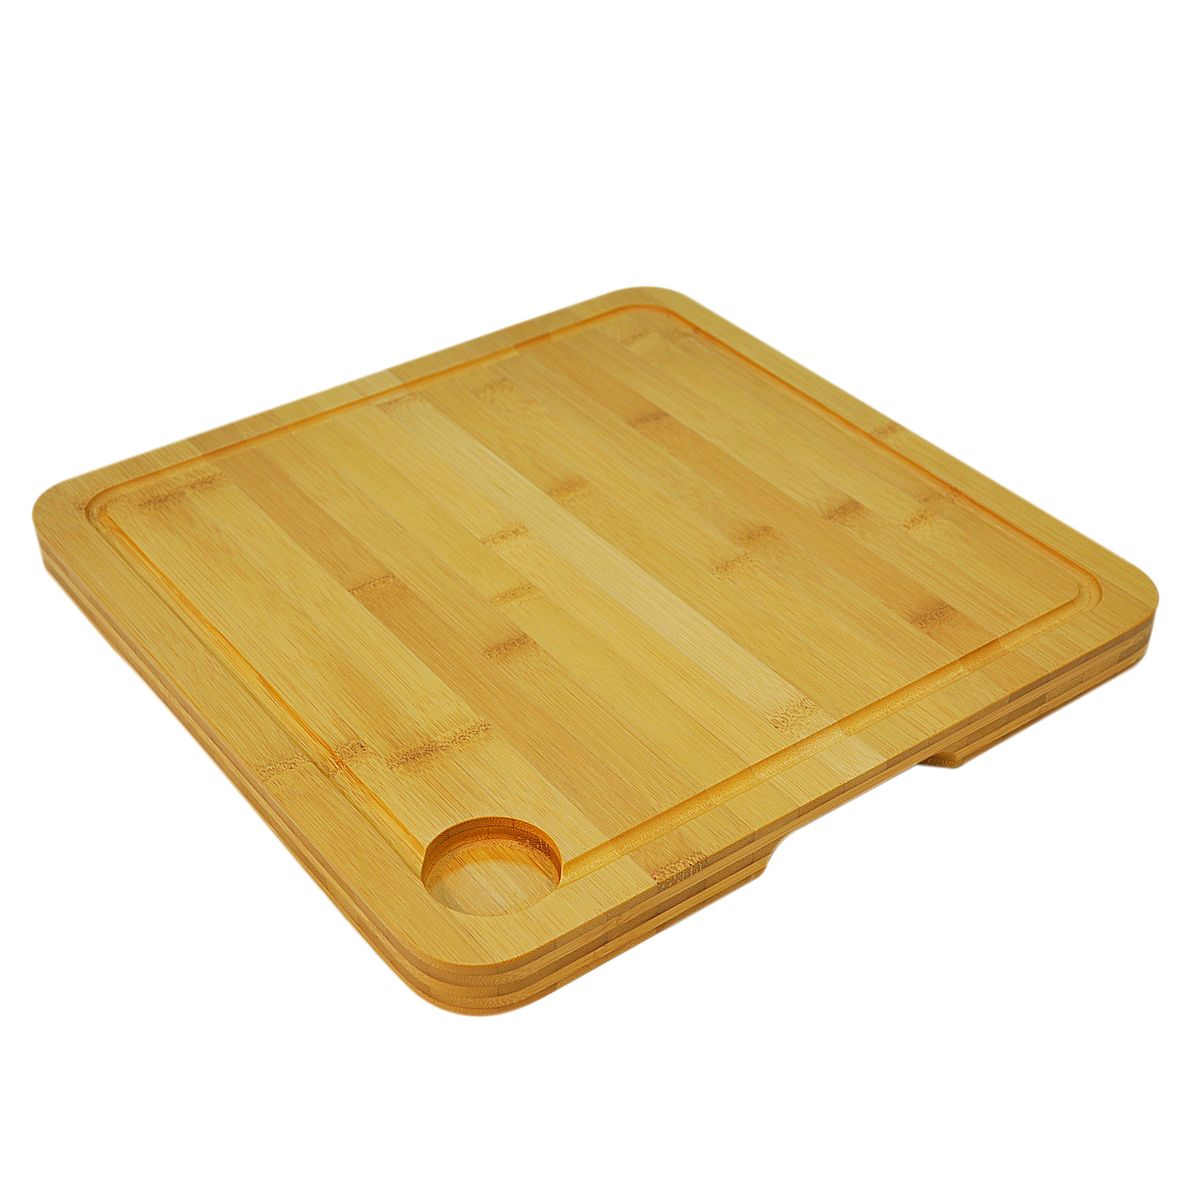 Planche à découper bambou rainurée 35X35X2.5cm passant au lave vaisselle - Point Virgule